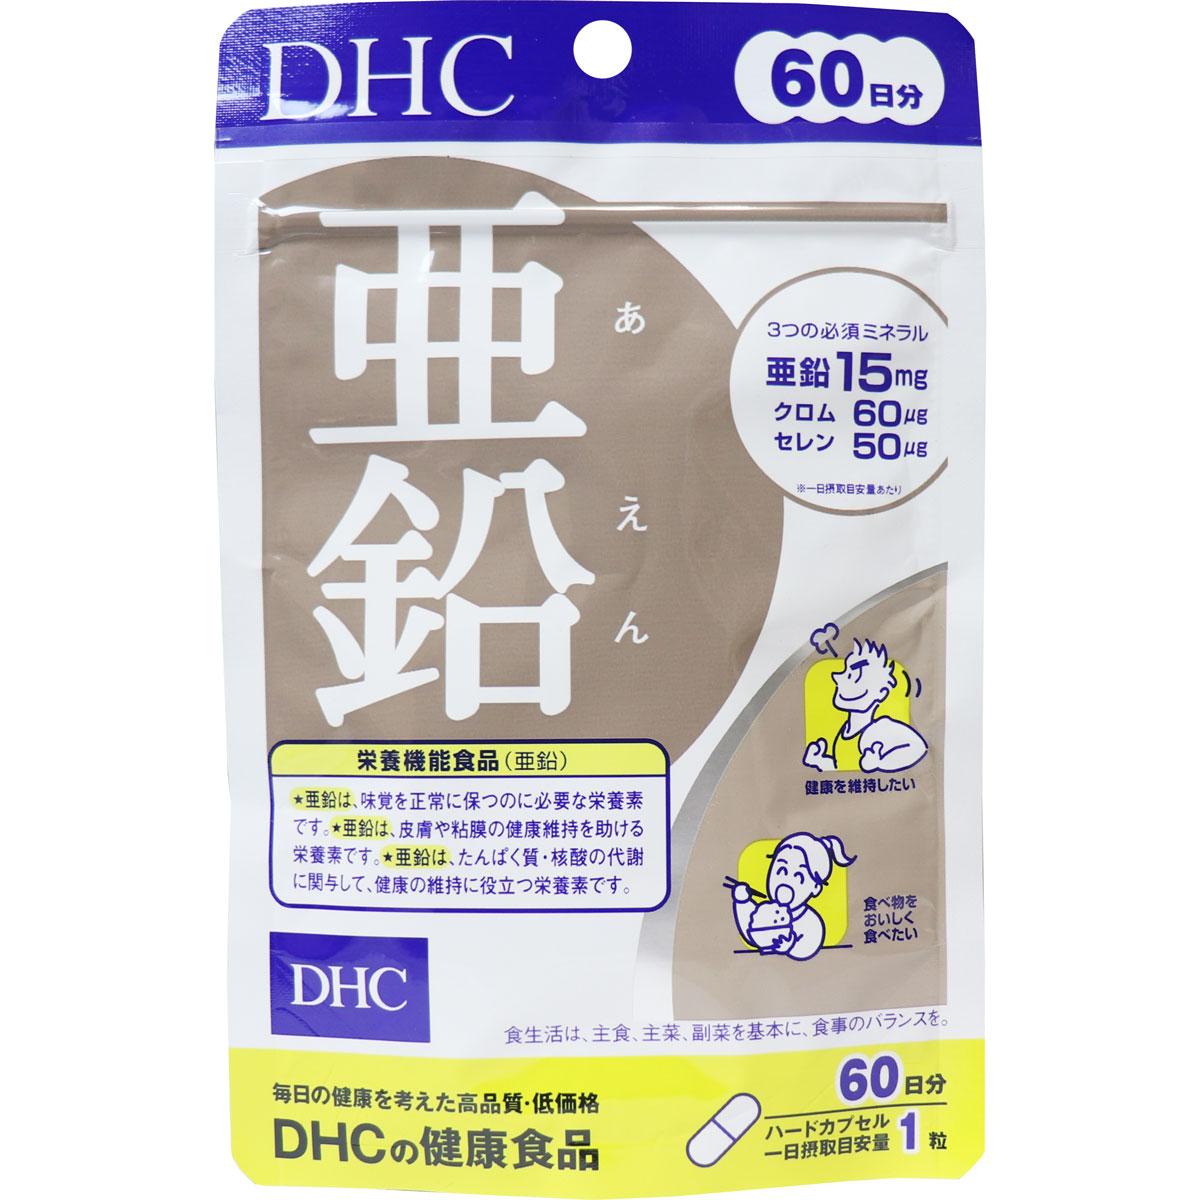 ※[8月24日まで特価]DHC 亜鉛 60粒 60日分